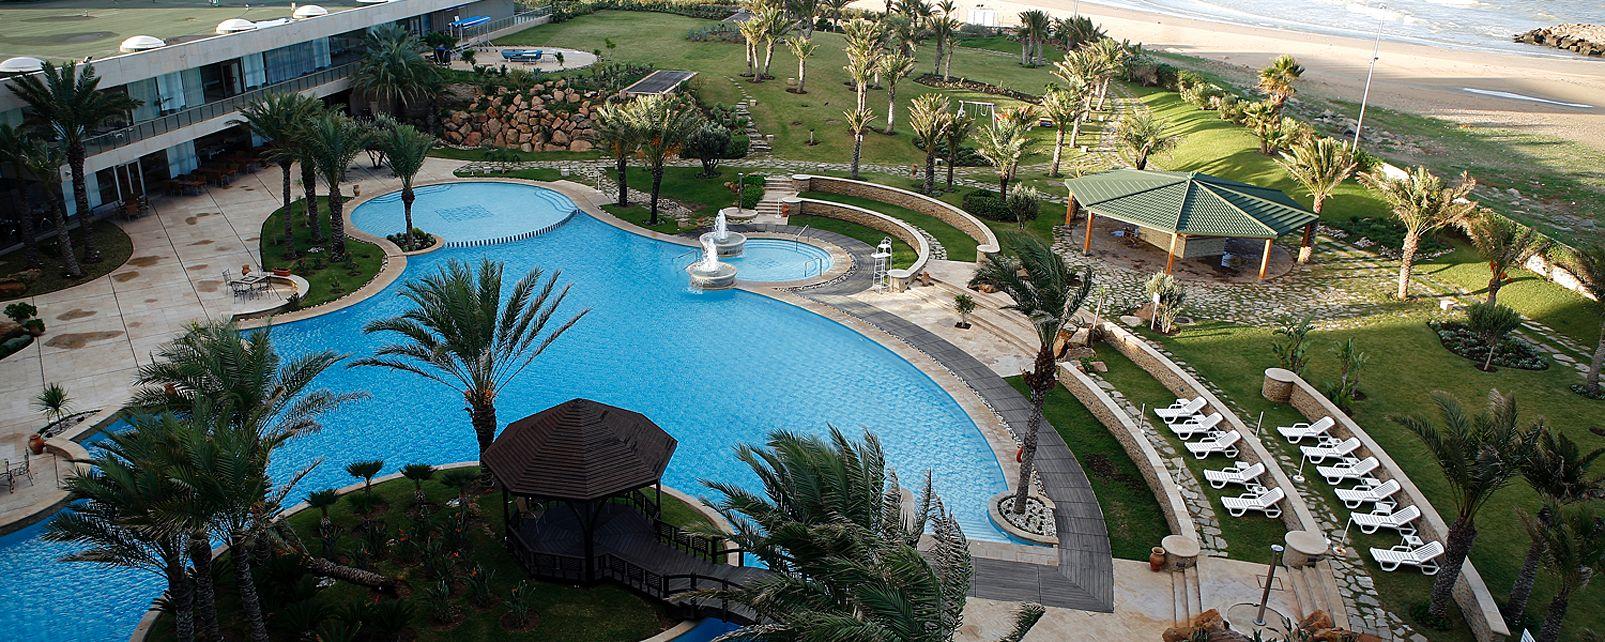 Hotel Movenpick casinon Malabata